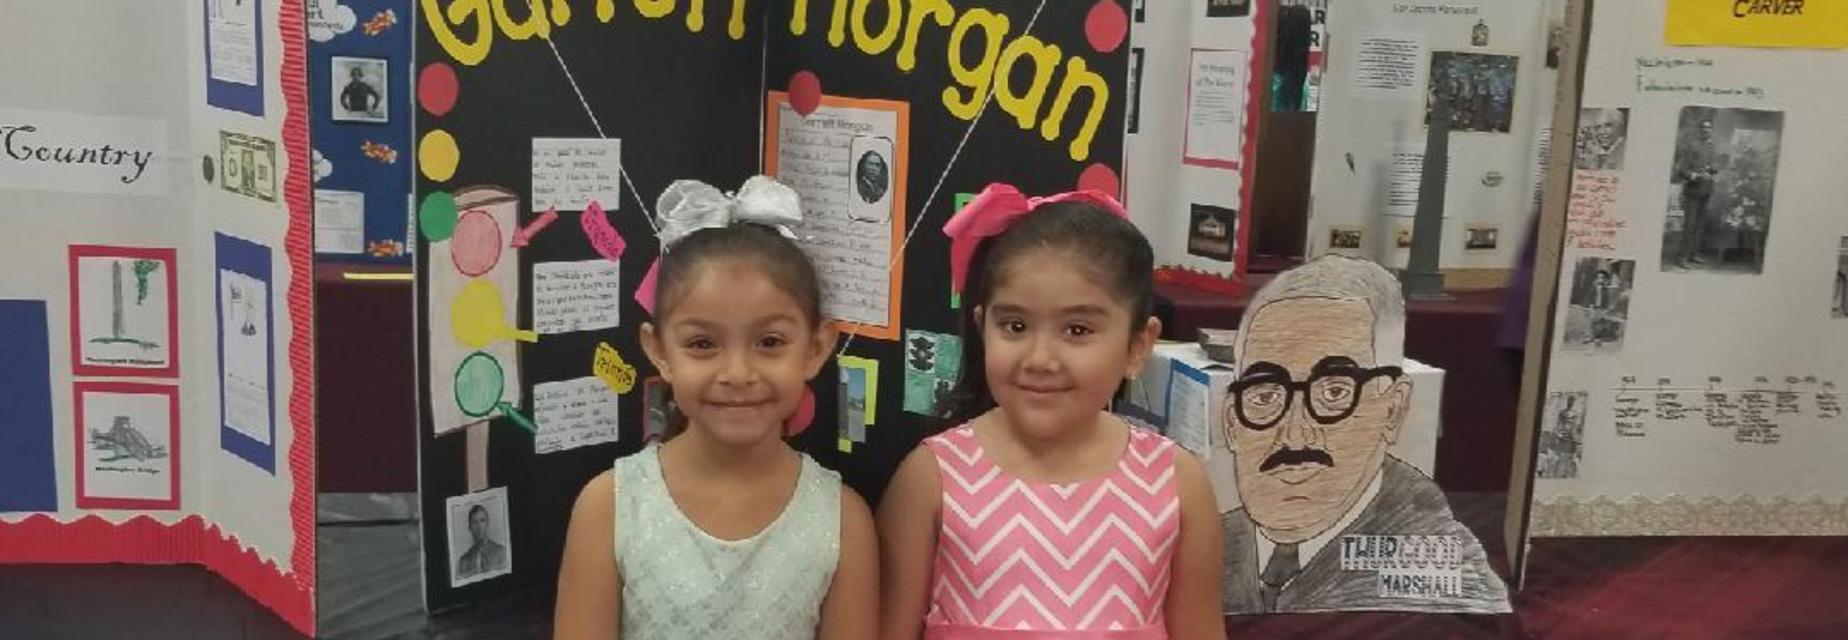 1st grade students at the history fair